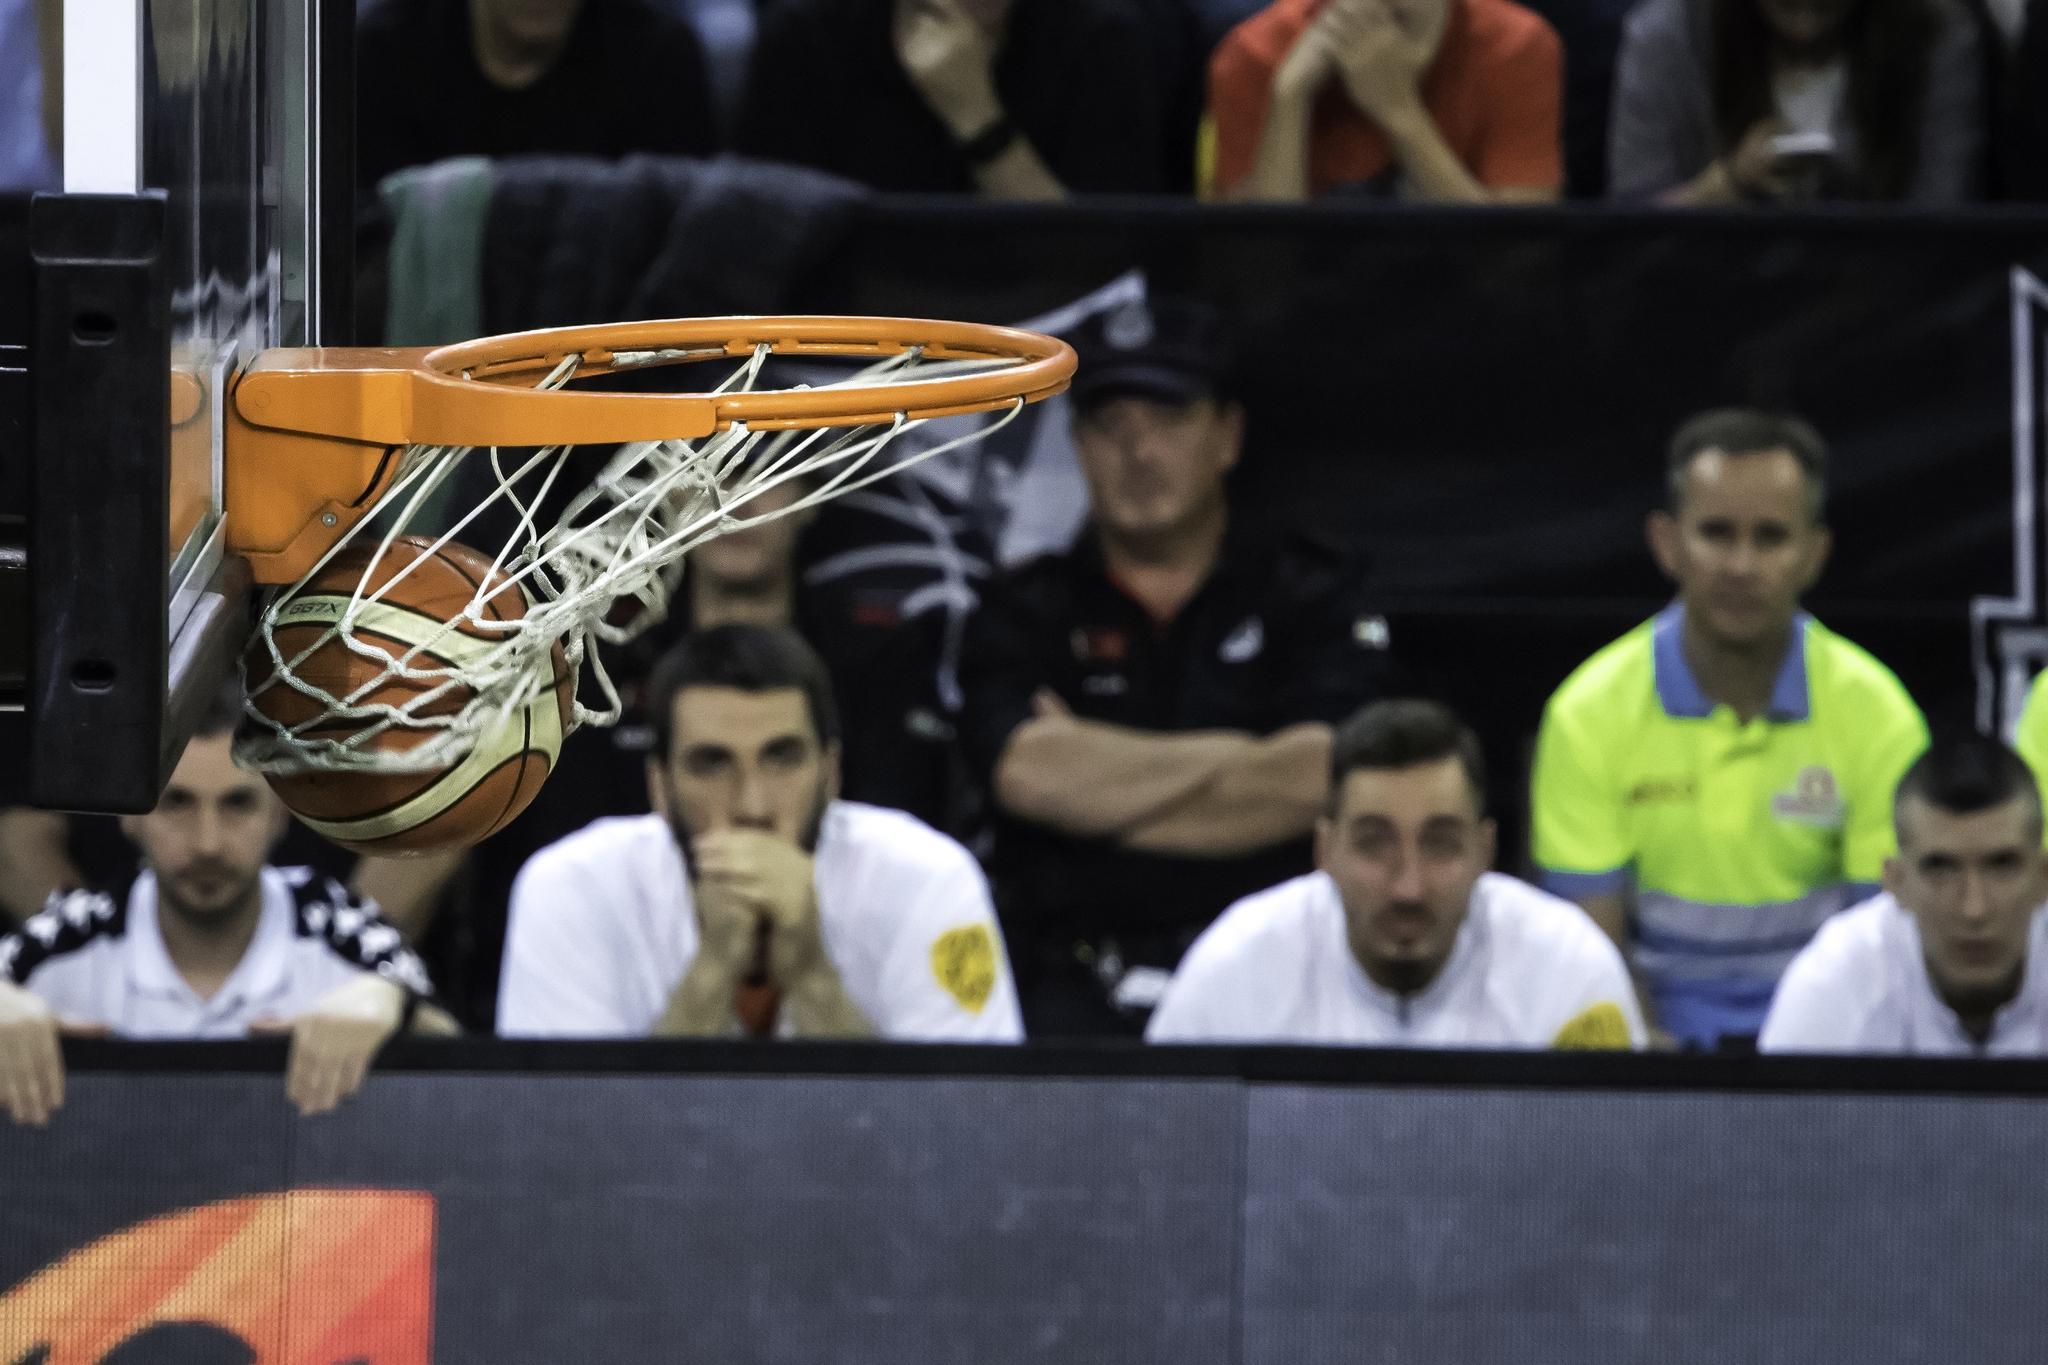 El balón entra en el aro palentino | Foto: Luis Fernando Boo.